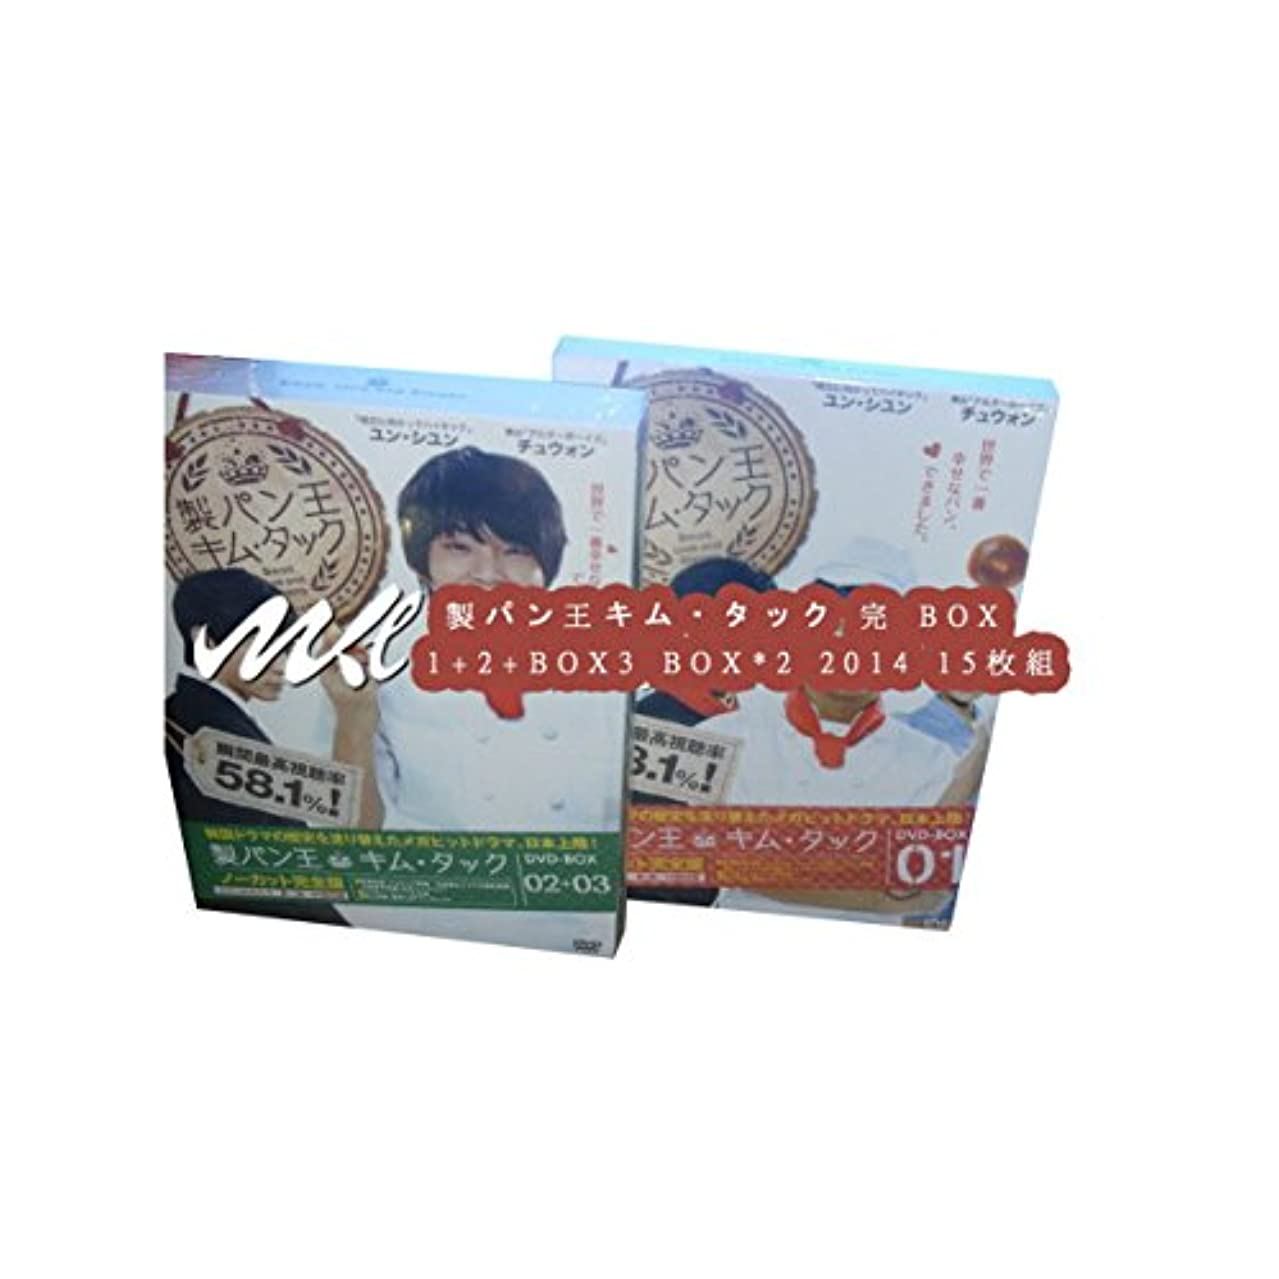 連合エミュレーションボーカル製パン王キム?タック 完 BOX1+2+BOX3 BOX*2 2014